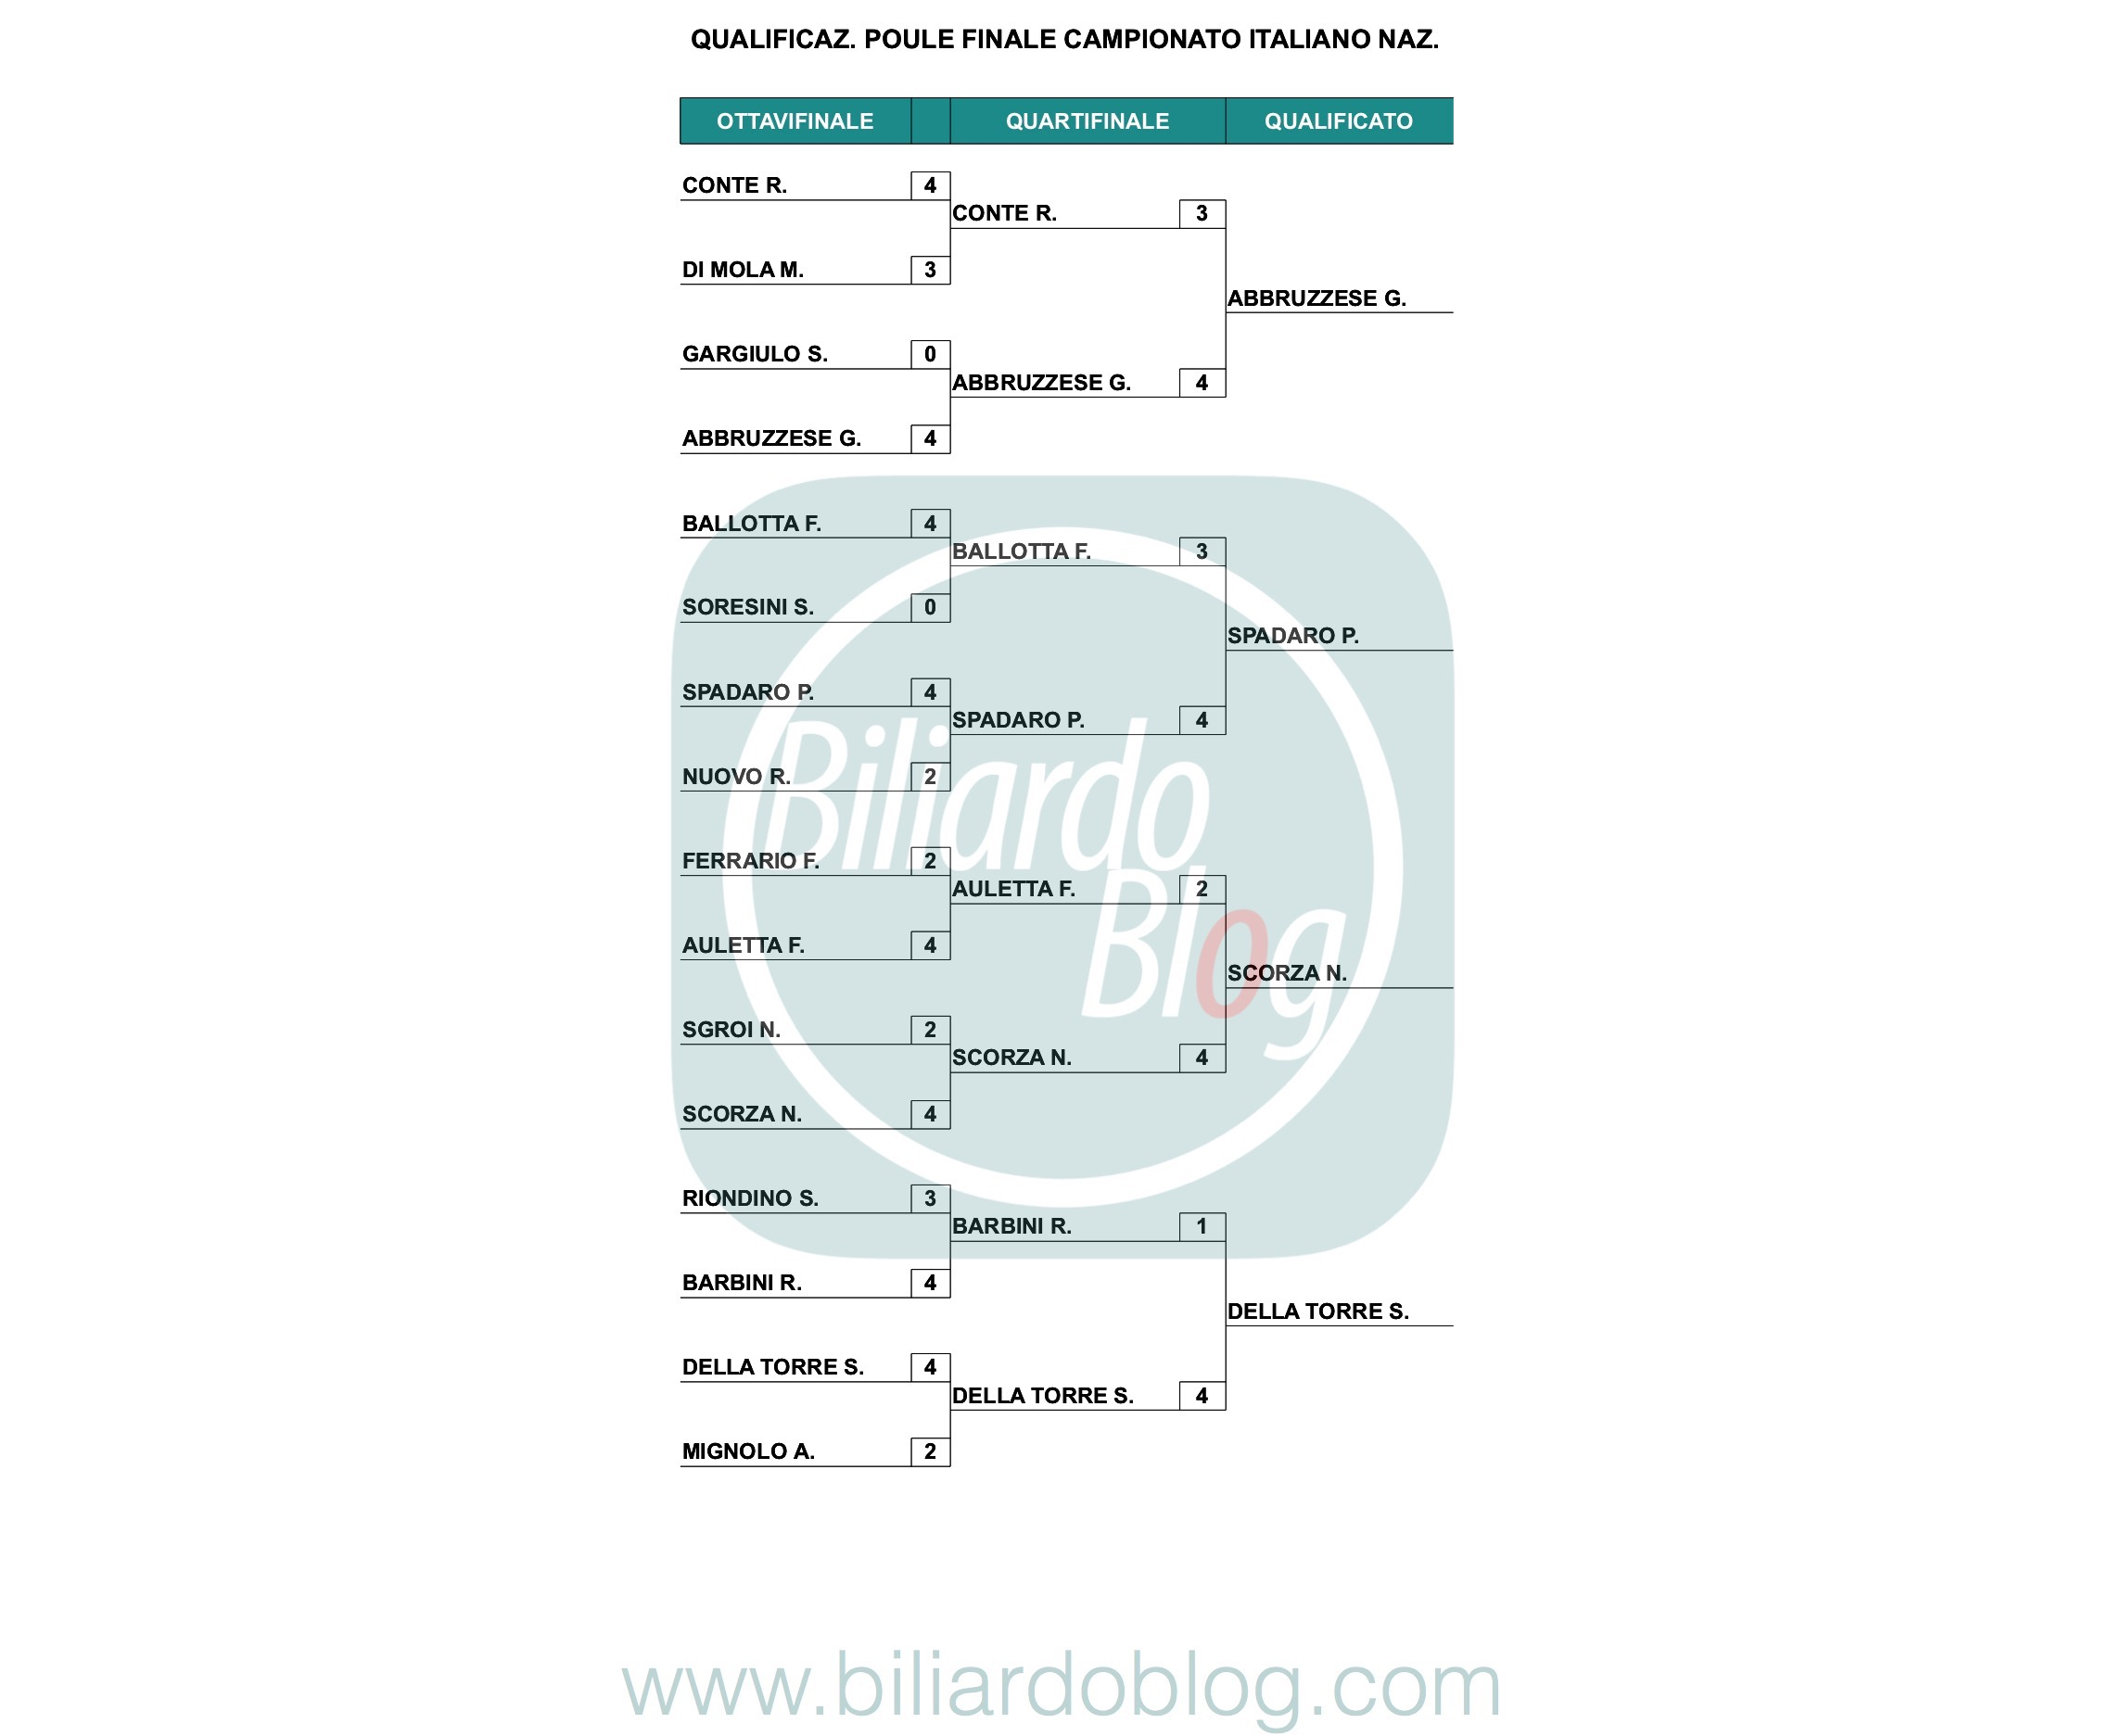 Qualificazioni Categoria Nazionali: il Campione Italiano Biliardo 2019